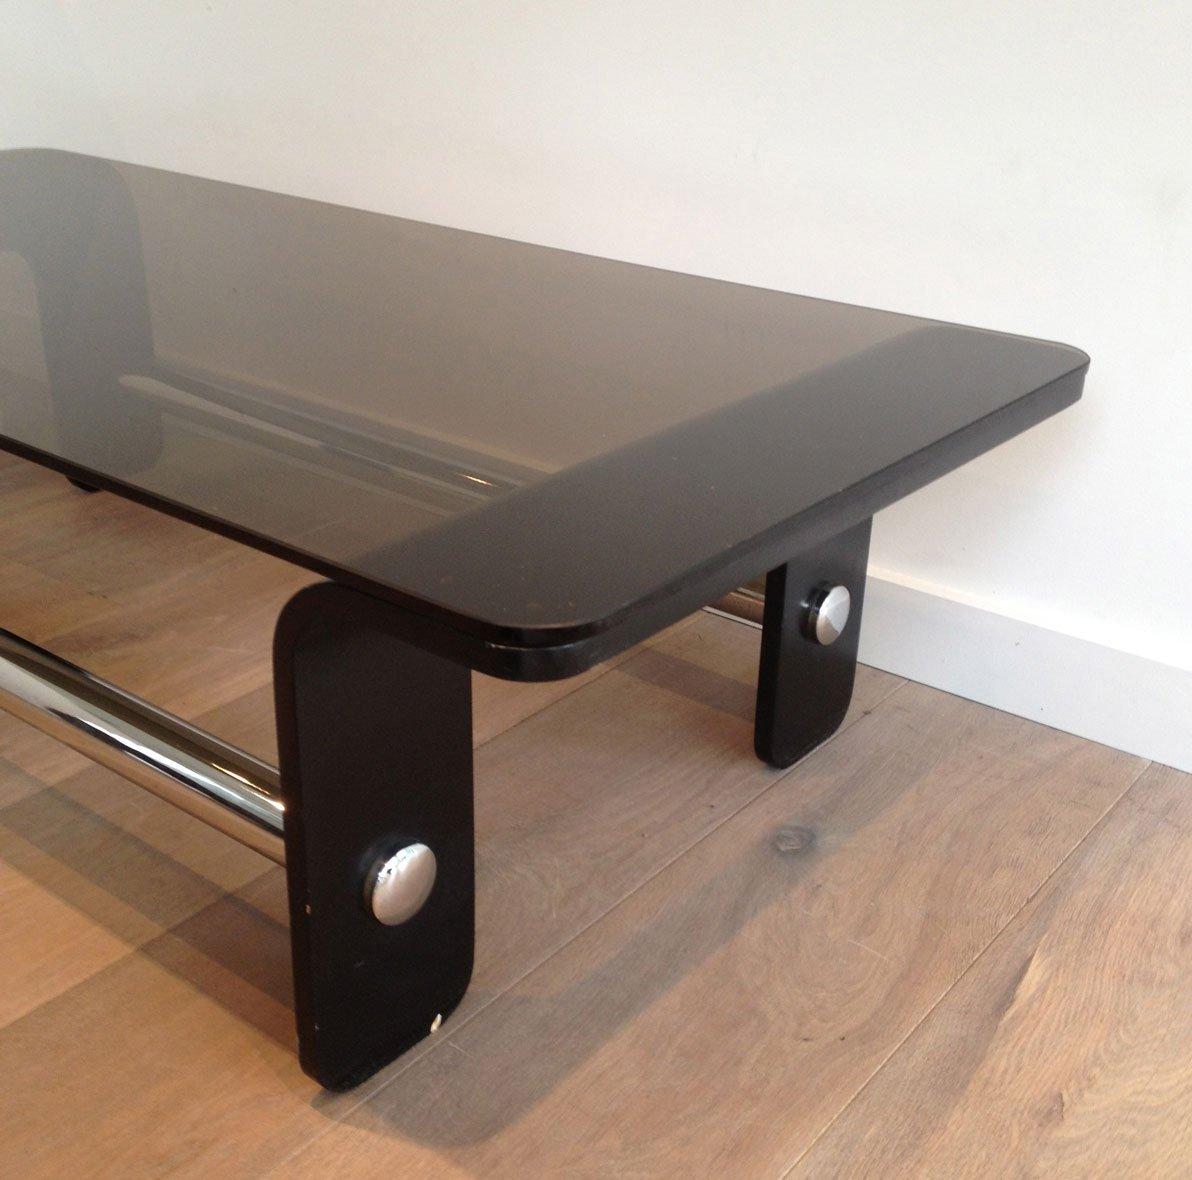 couchtisch aus autoreifen tavomatico. Black Bedroom Furniture Sets. Home Design Ideas